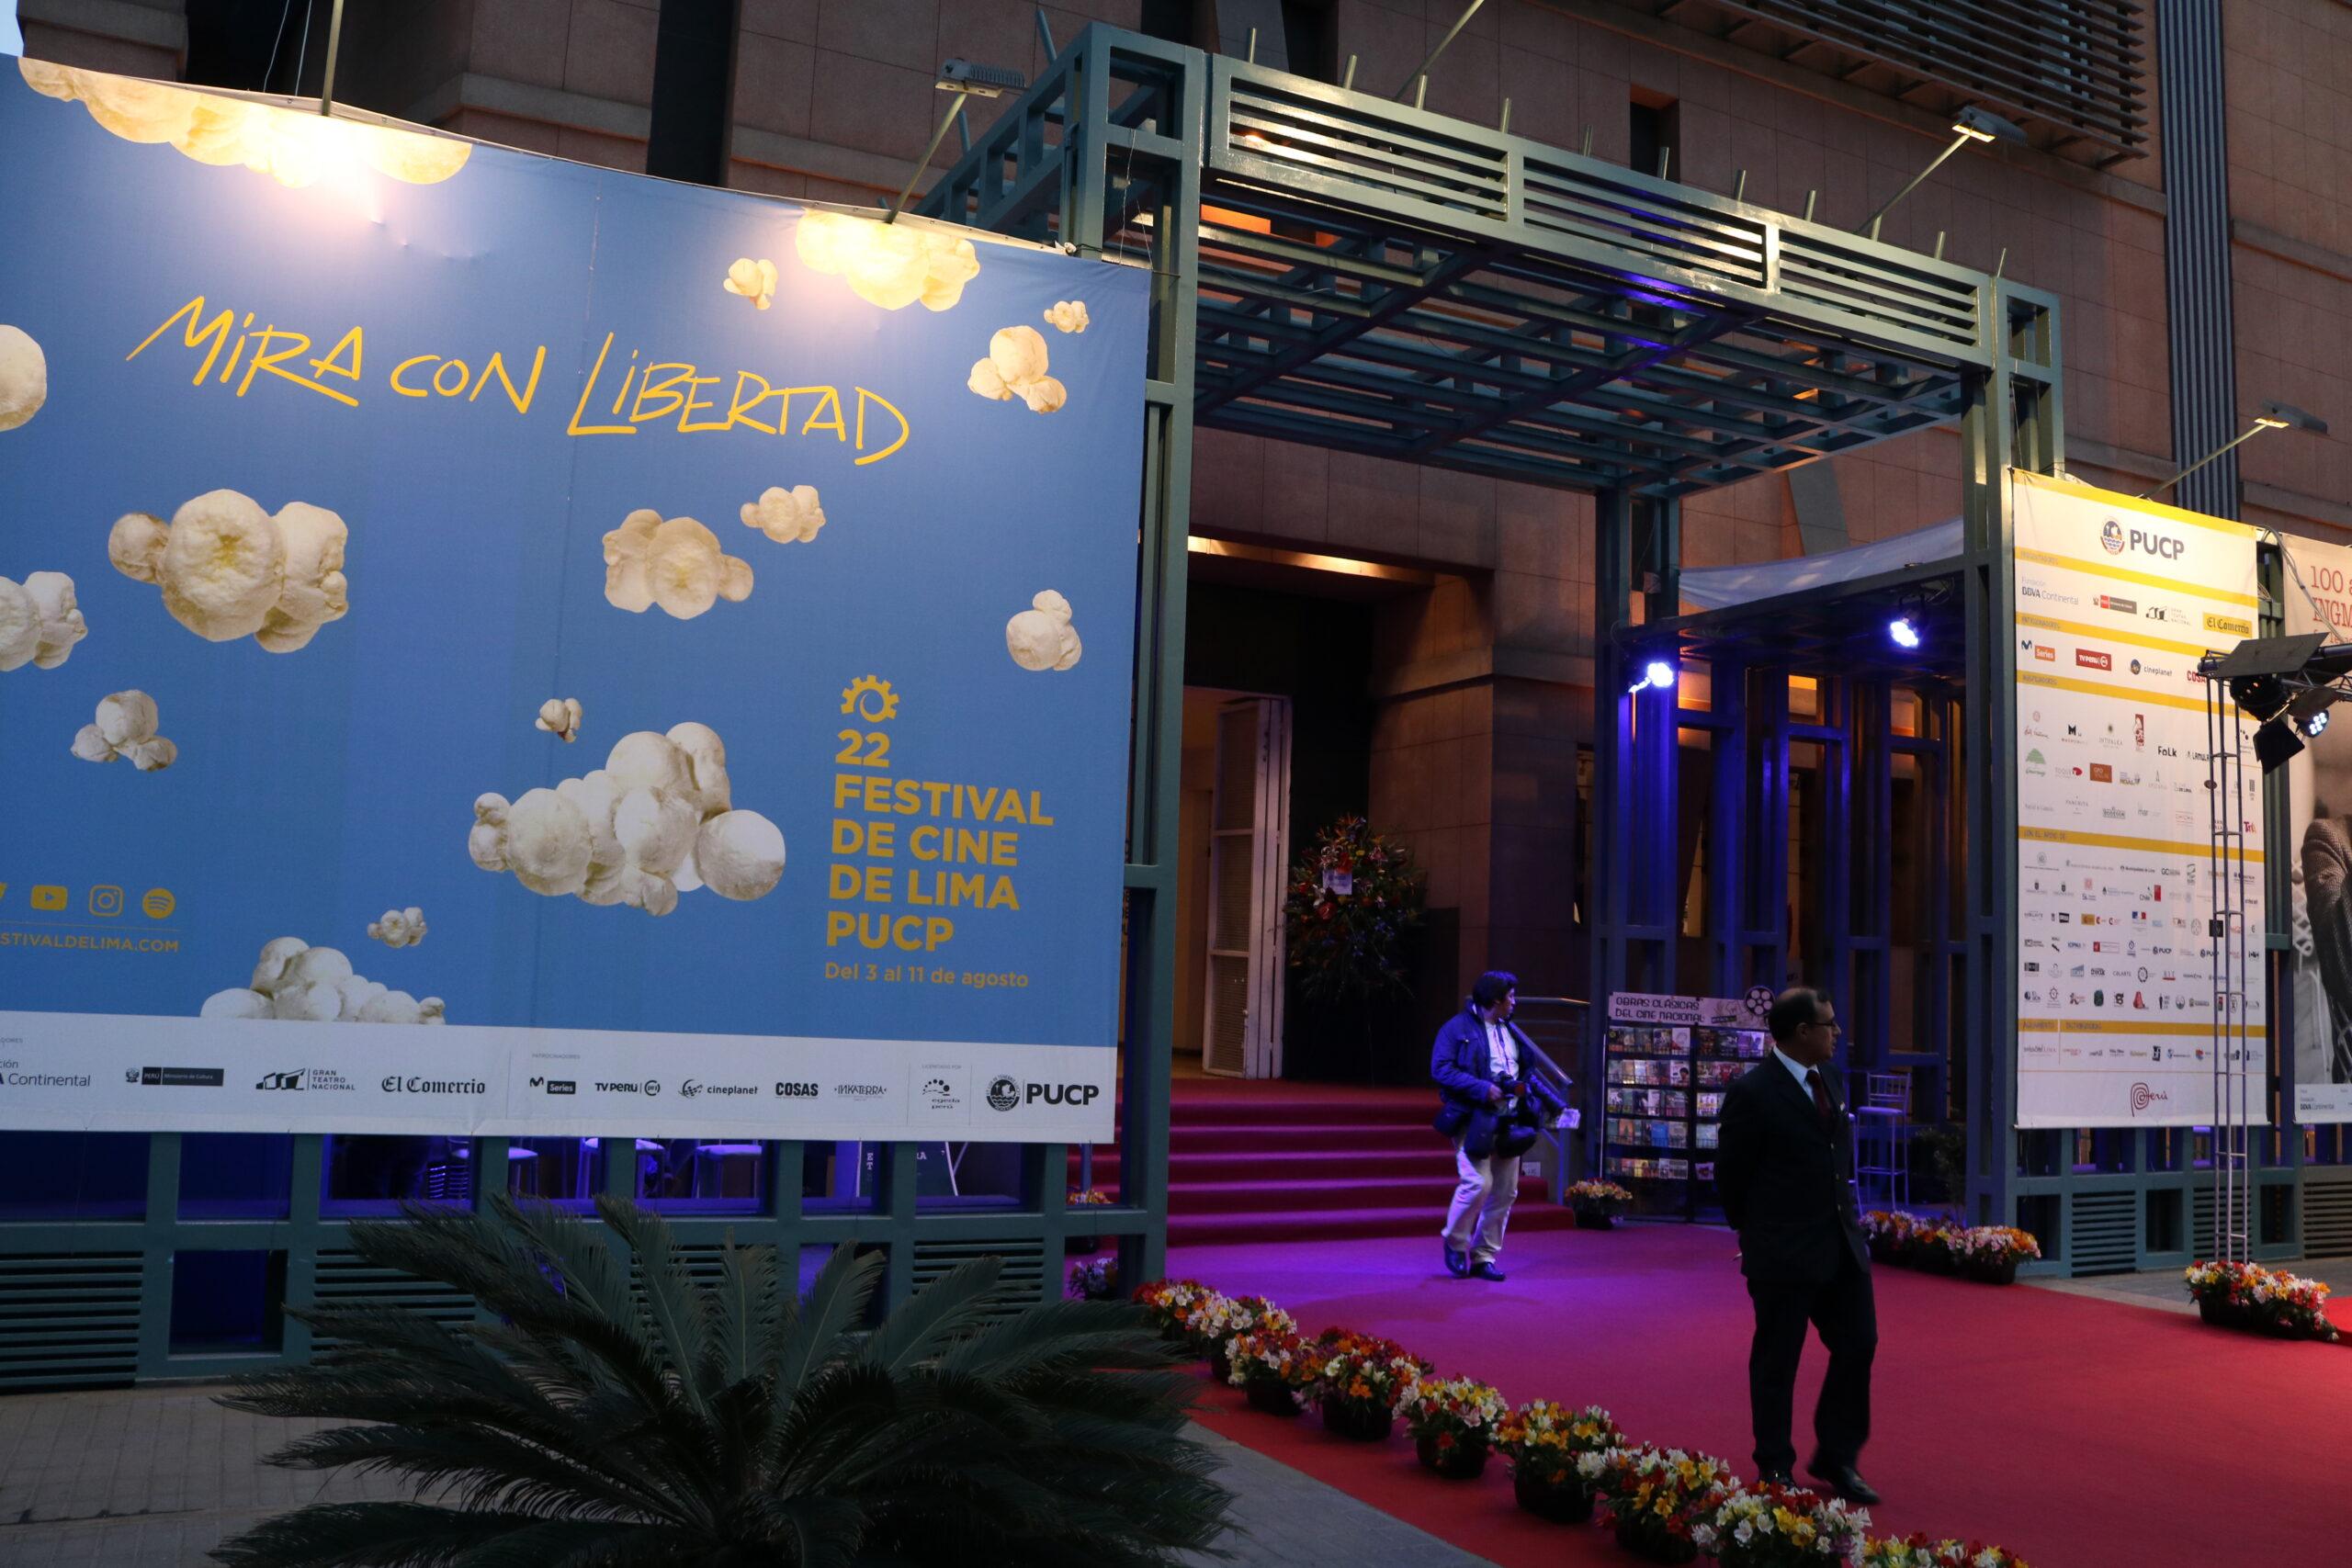 Convocatoria para participar en Cine en Construcción, que se realizará en Lima en agosto